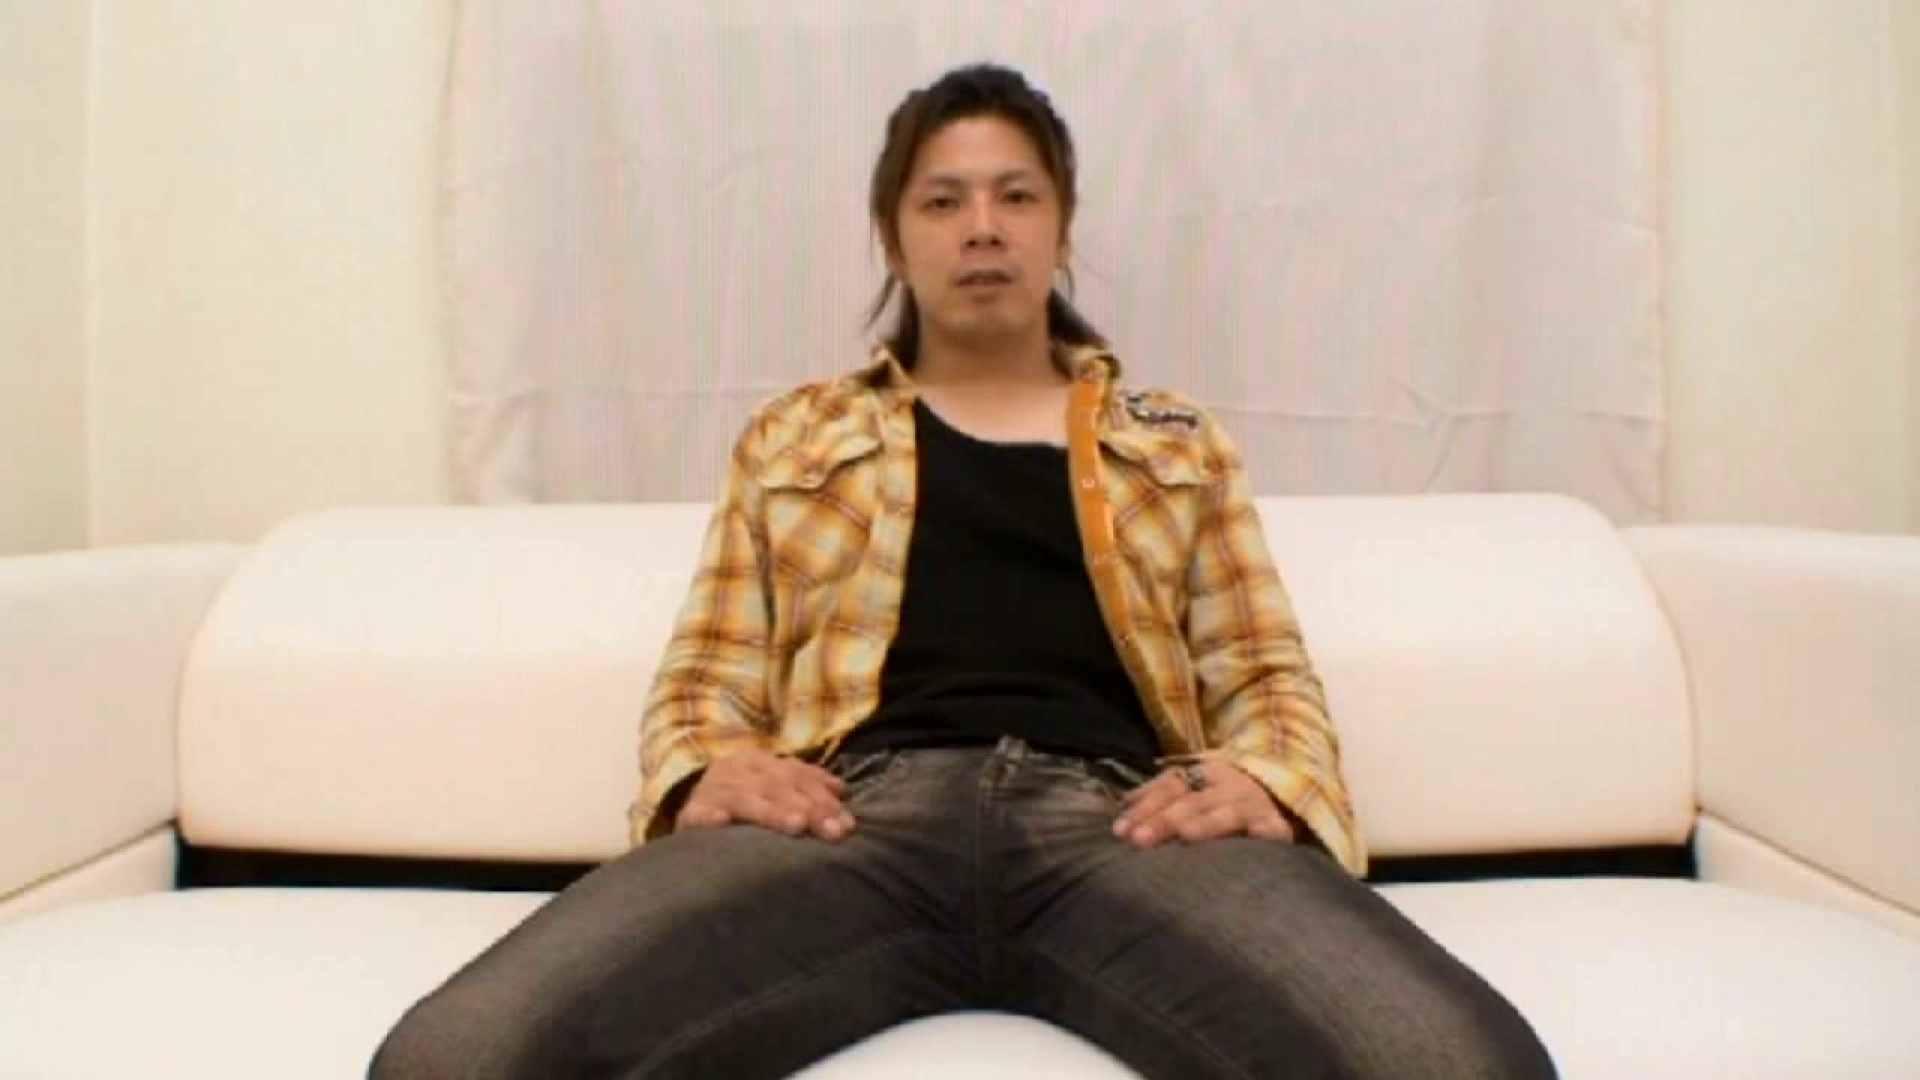 ノンケ!自慰スタジオ No.18 無修正 ゲイアダルト画像 110pic 35